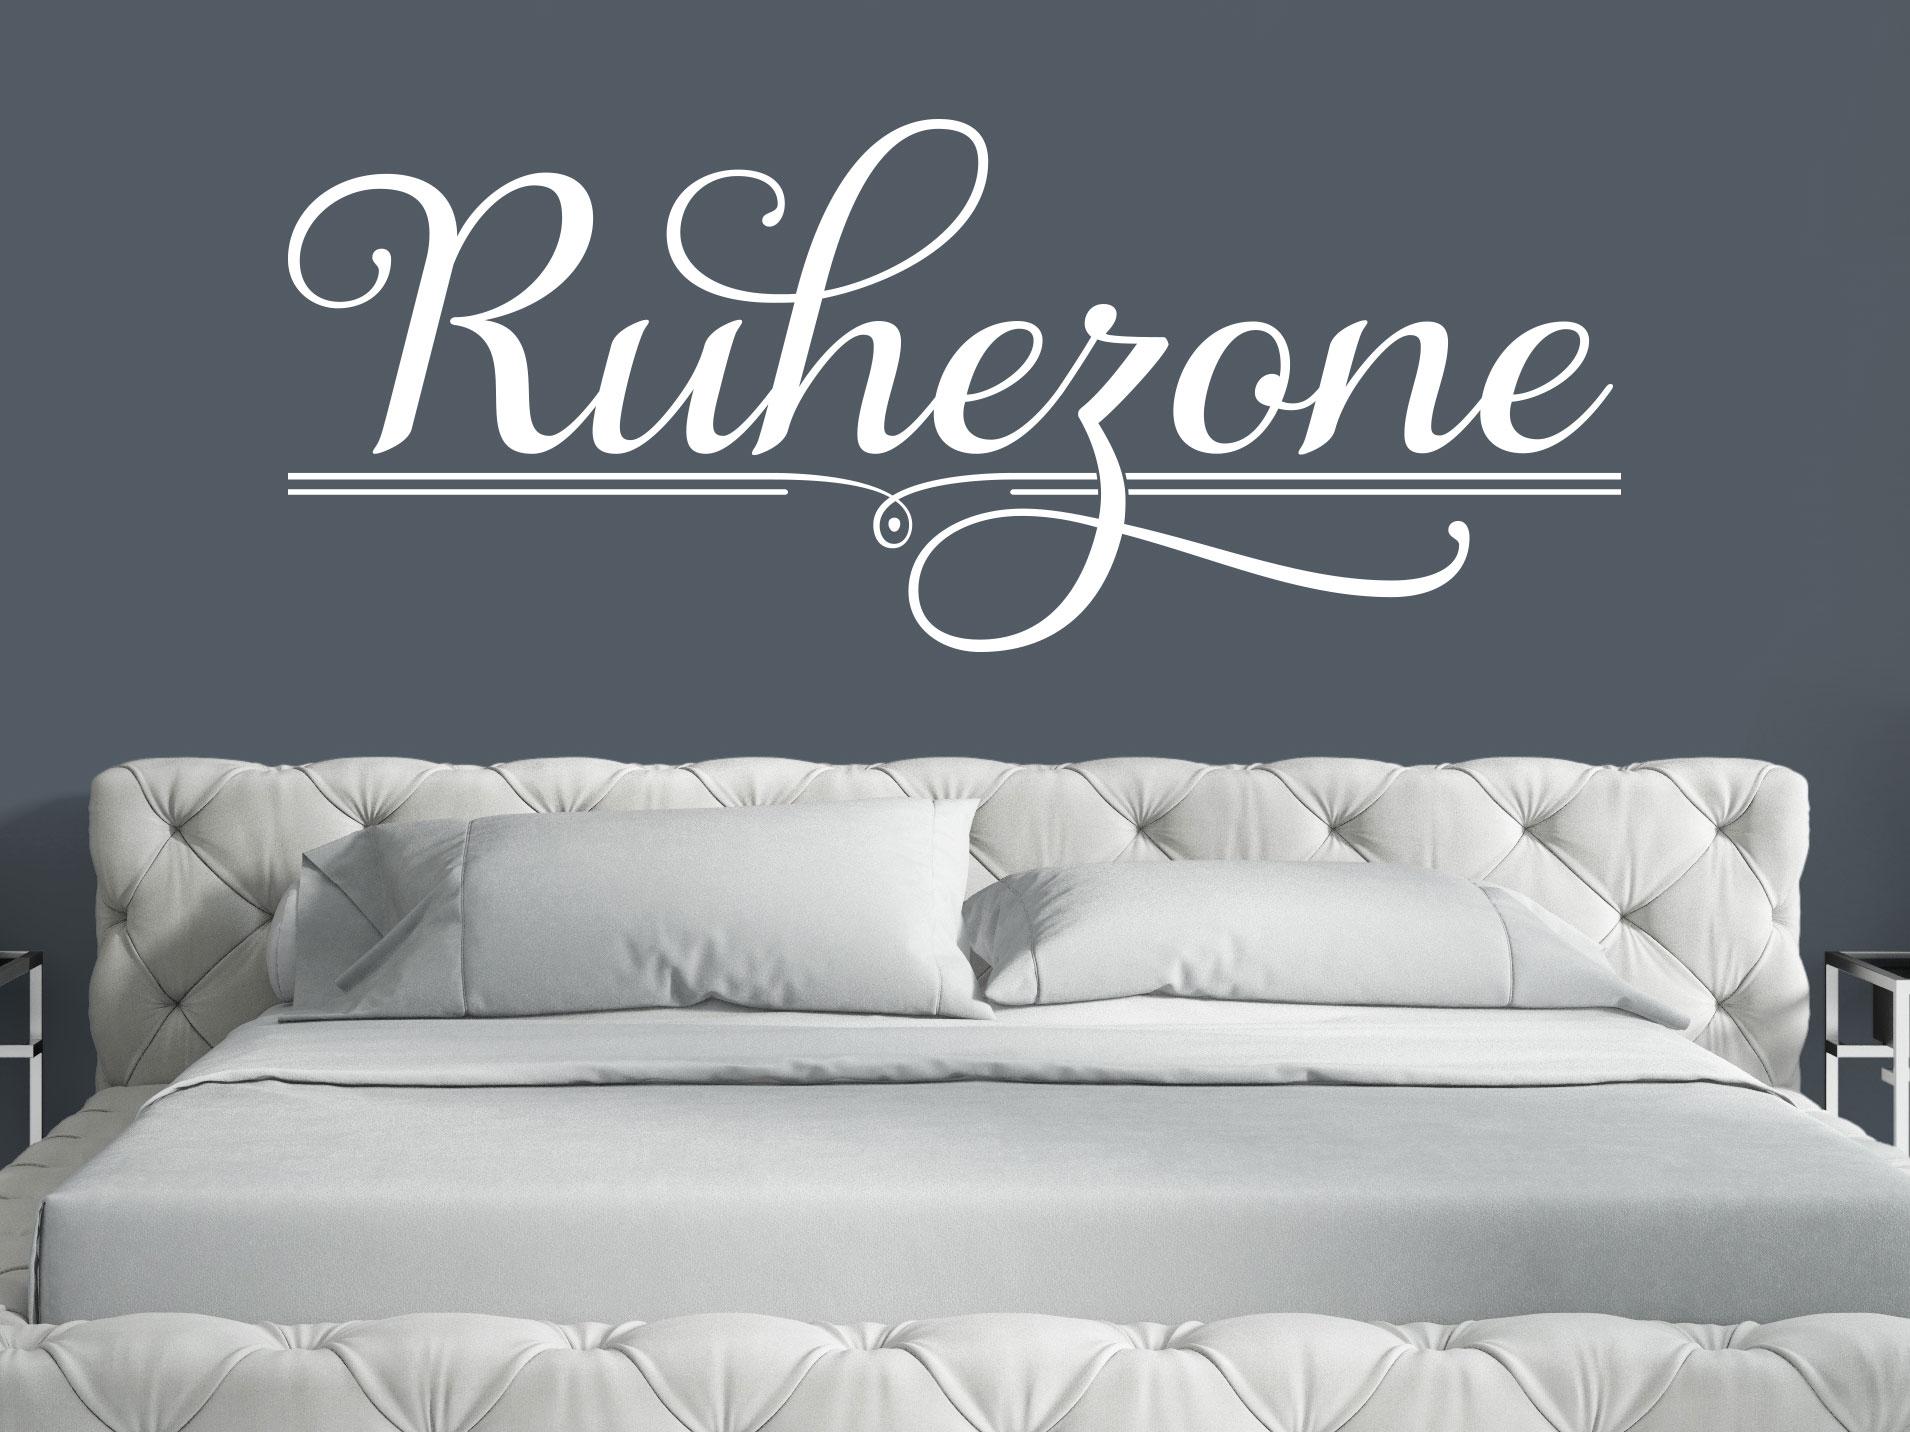 Wandtattoo Ruhezone in der Farbe Weiß im Schlafzimmer